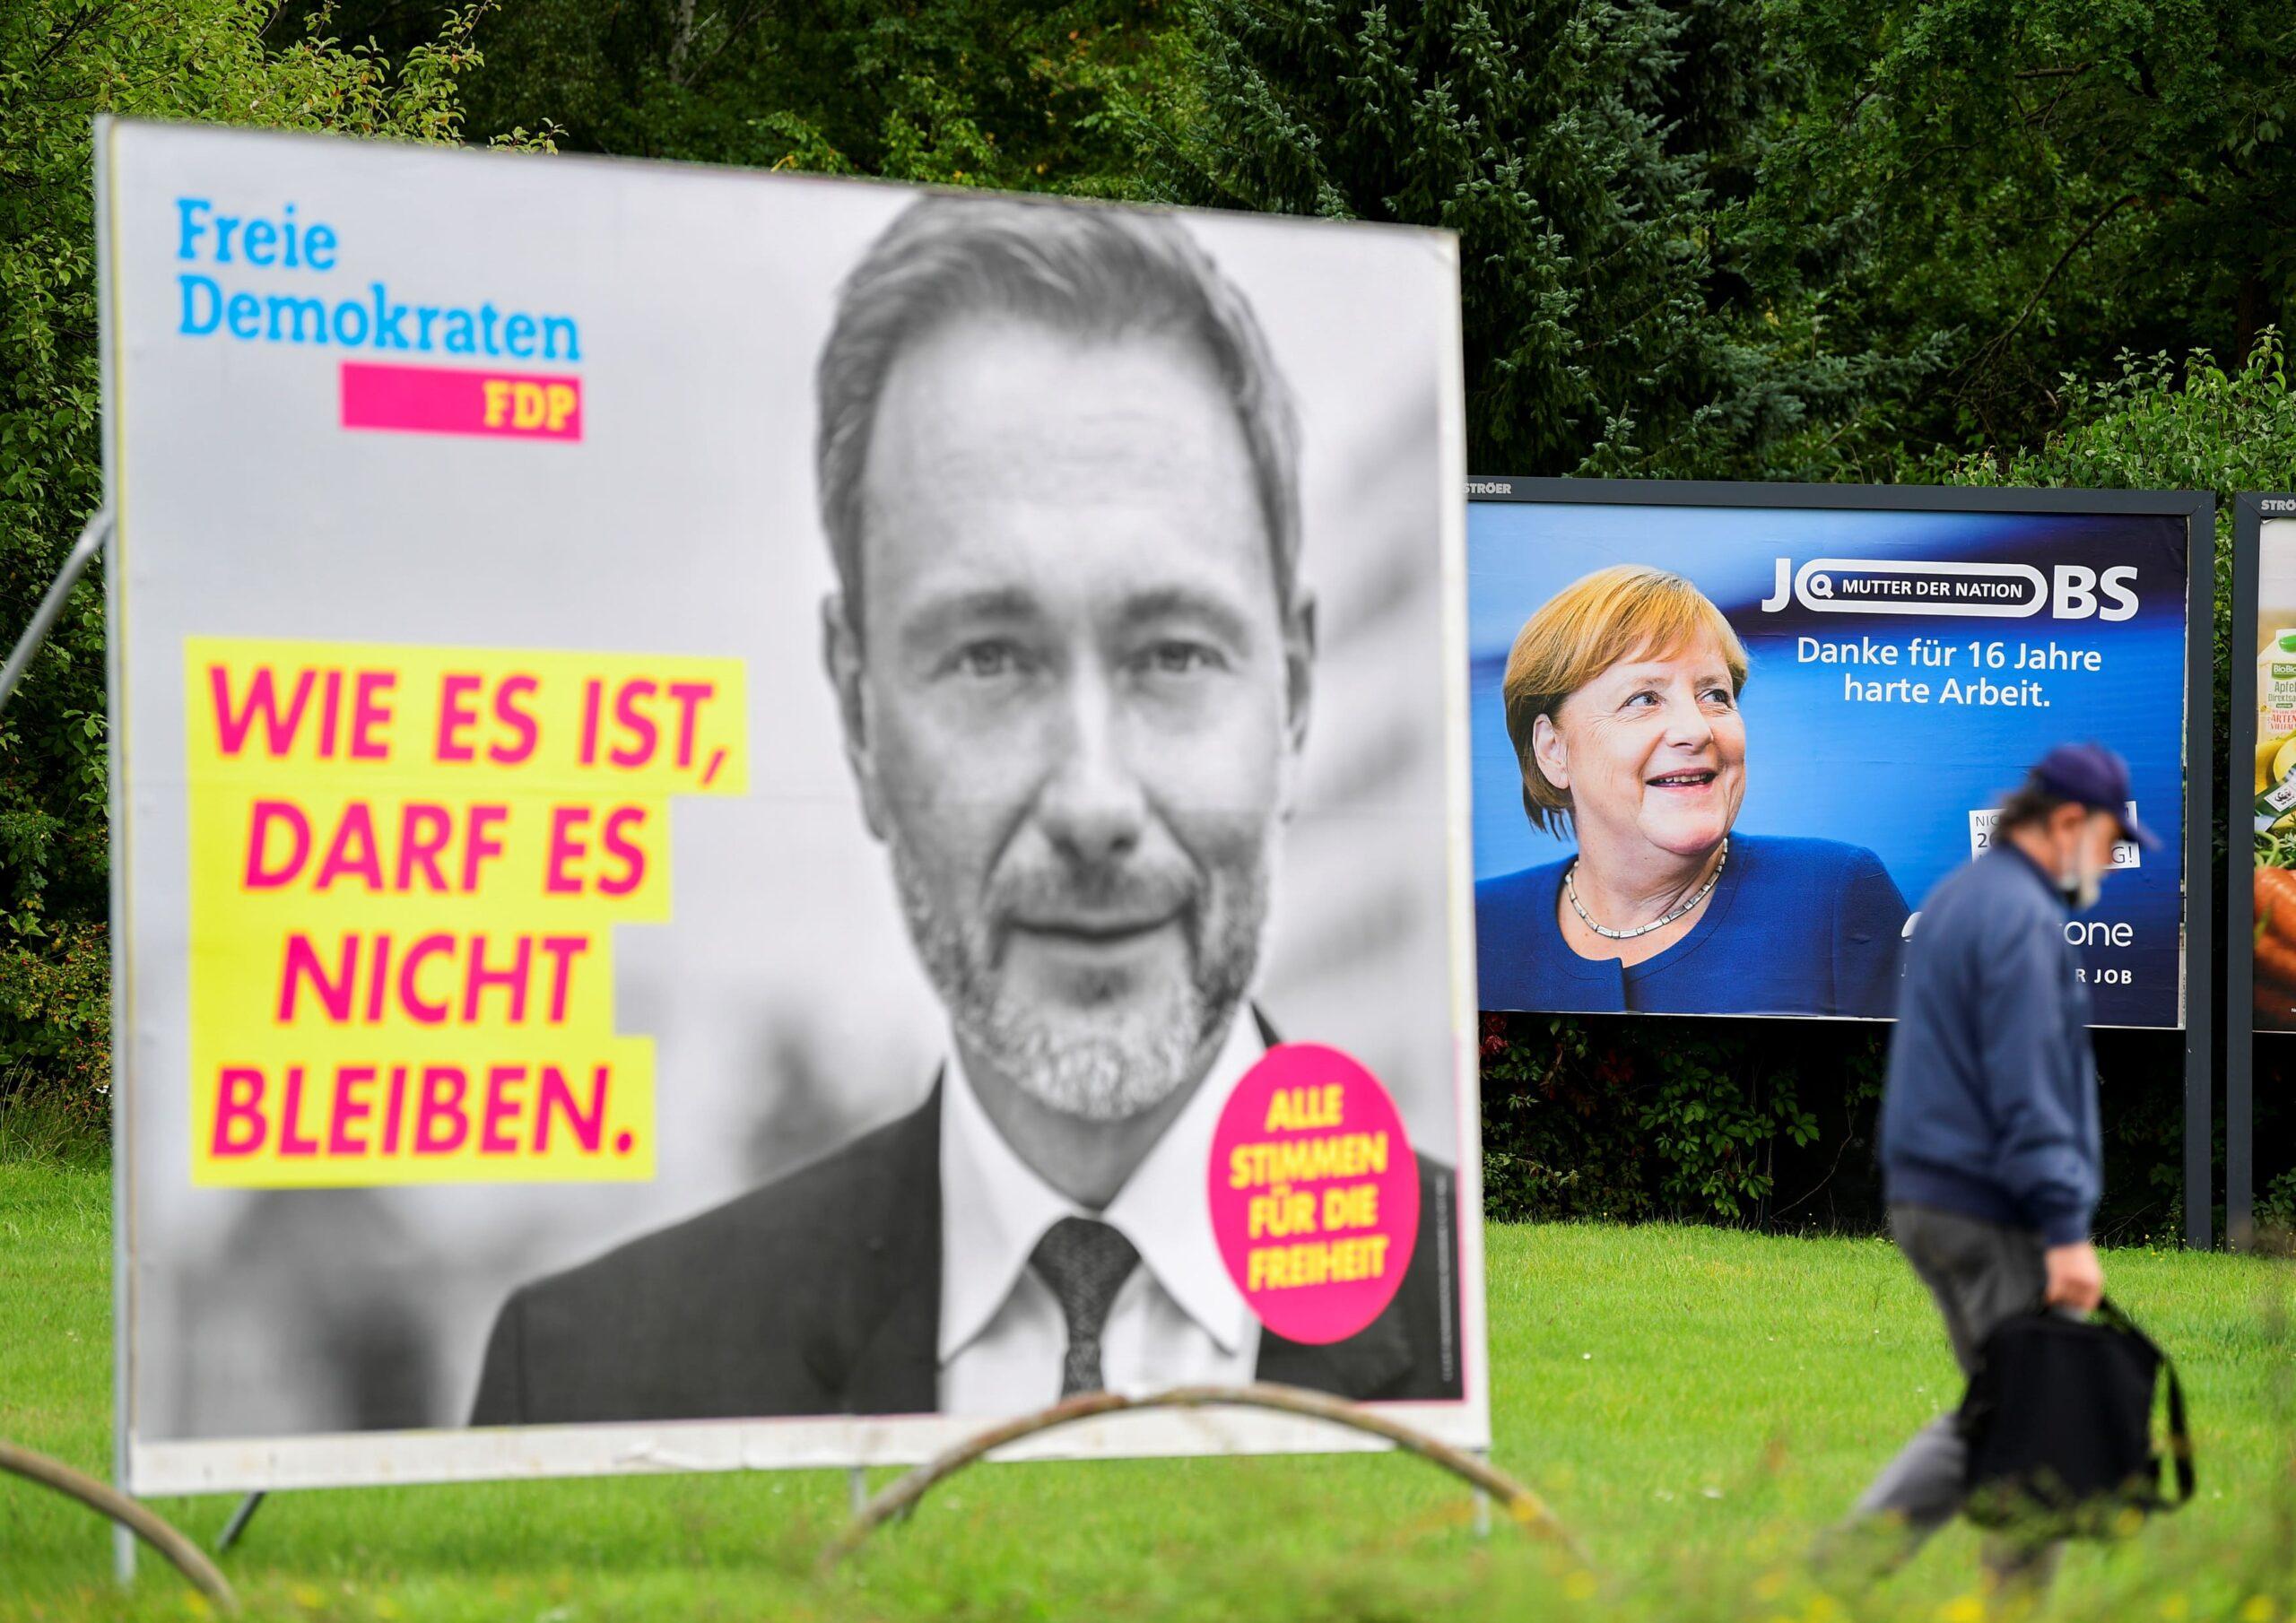 вибори німеччина